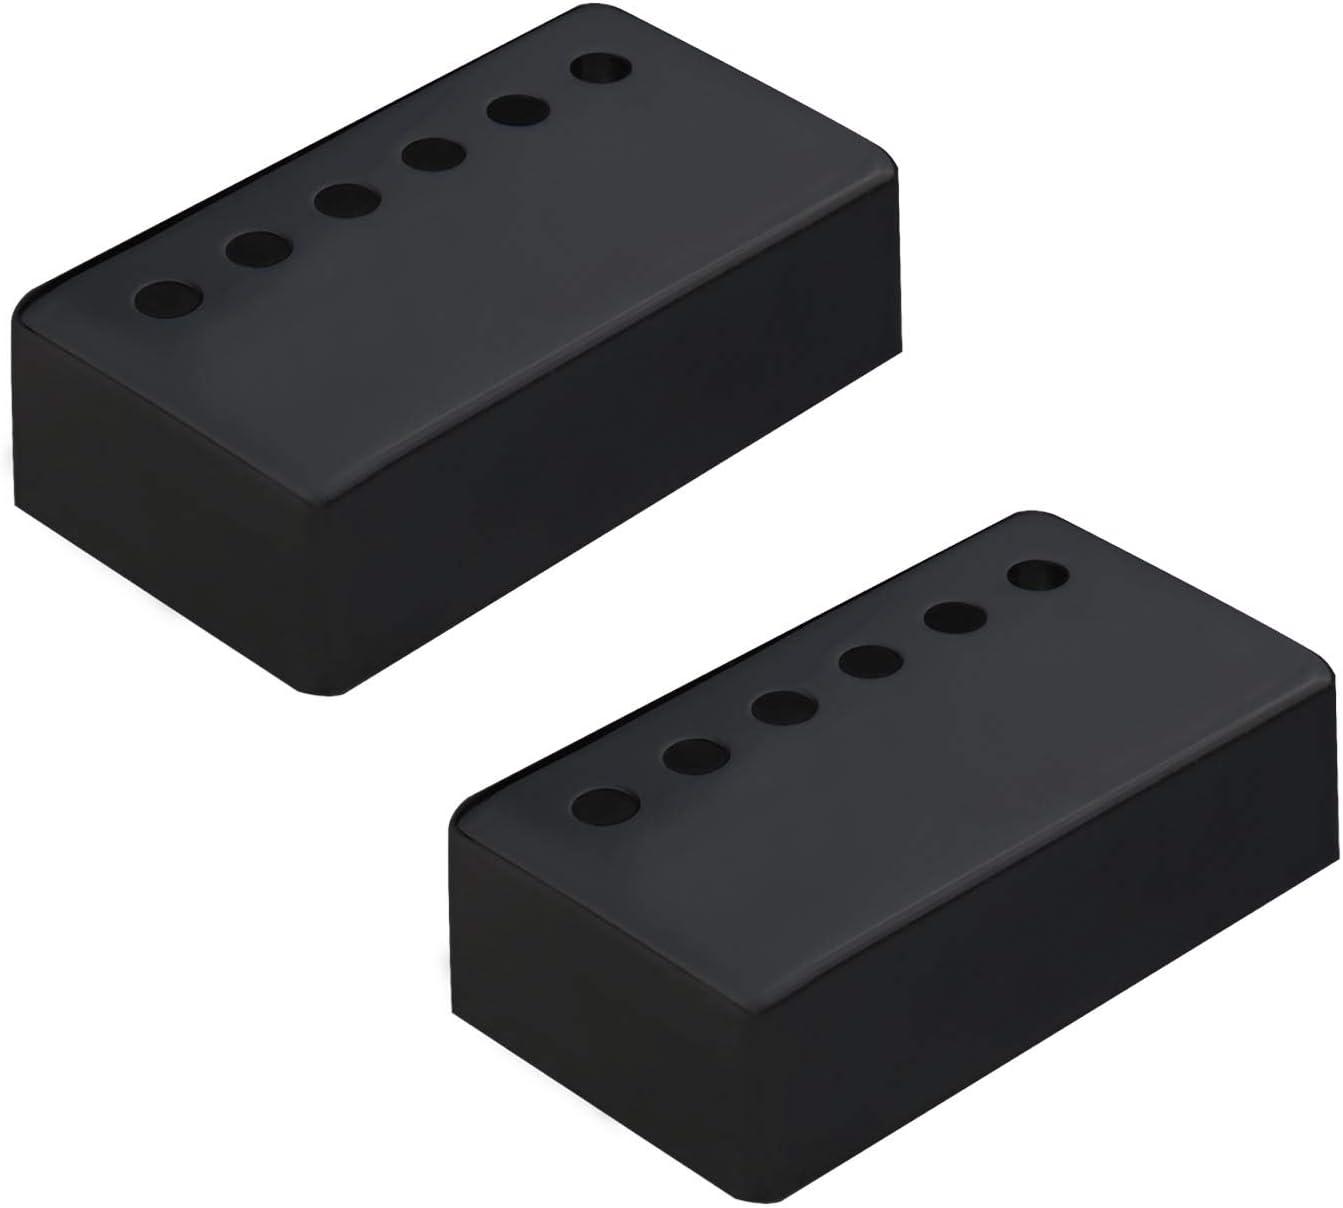 Negro Guitarras Humbucker cuello y puente Pickup Tapas Set 2 unids 50mm 52mm poste espaciado 6 agujeros diseño para Guitarras eléctricas piezas